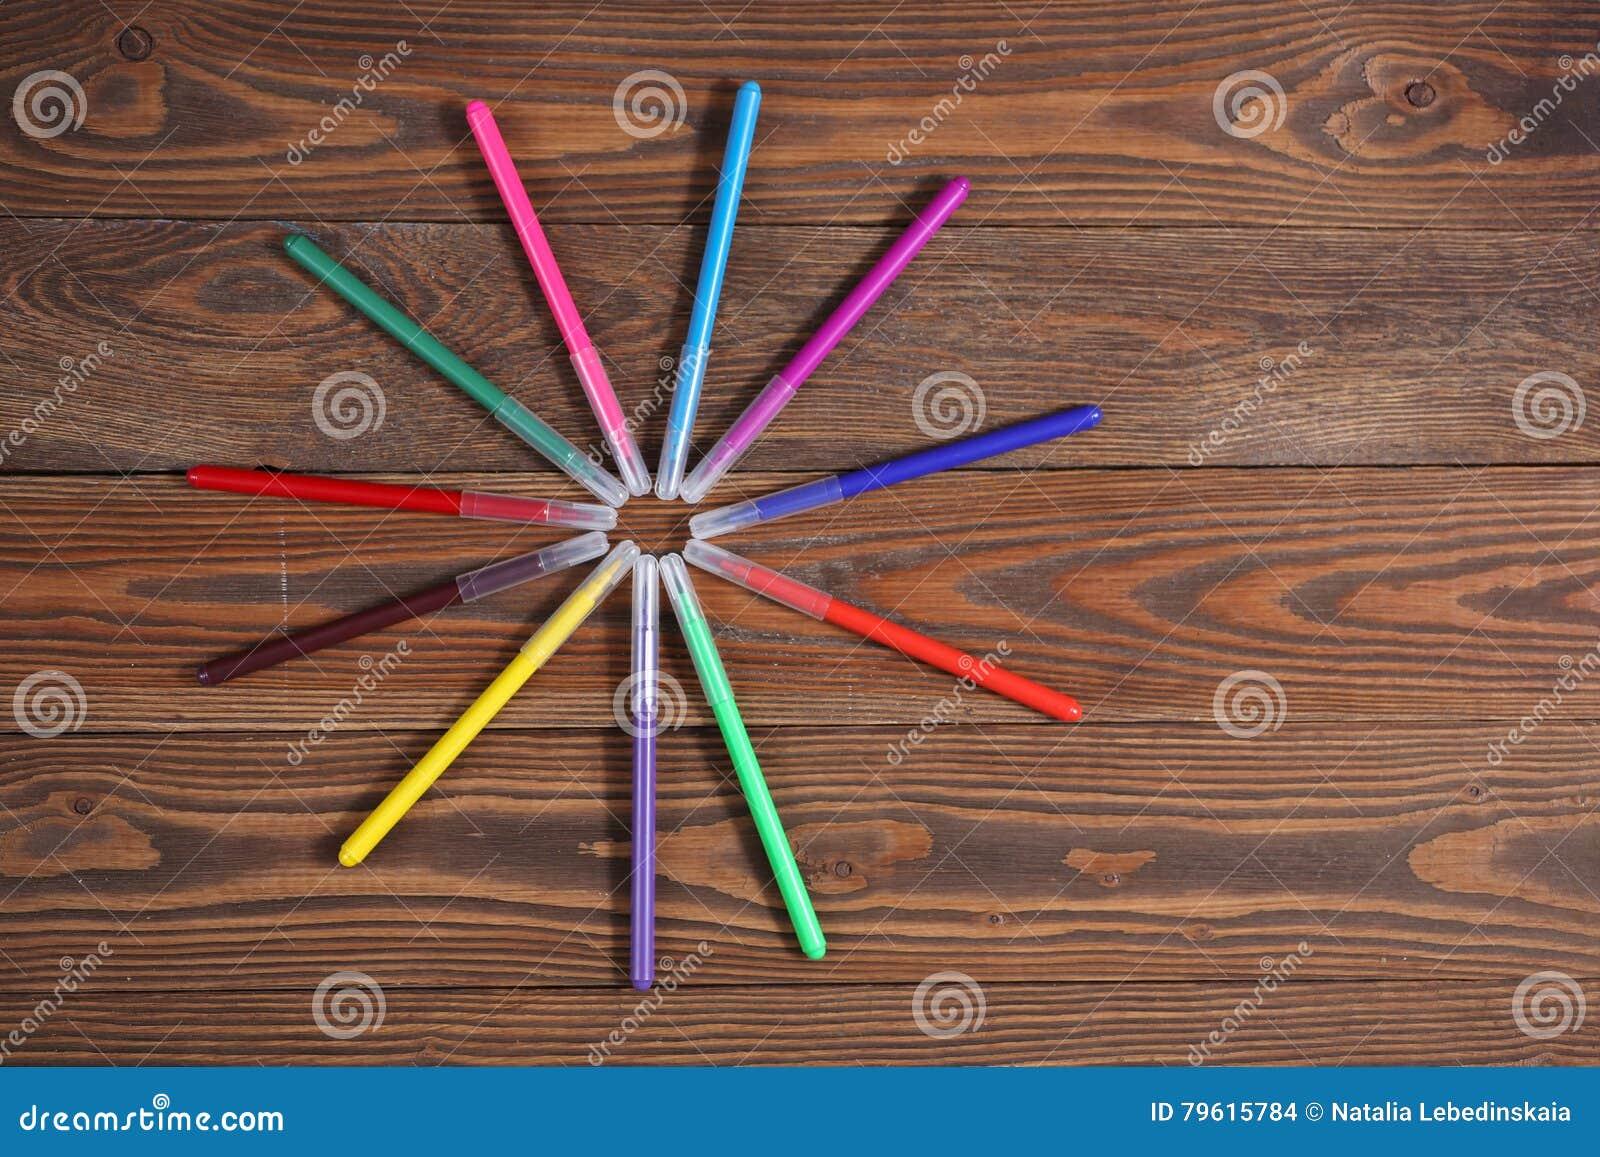 Canetas com ponta de feltro coloridas em um fundo de madeira da tabela, o conceito